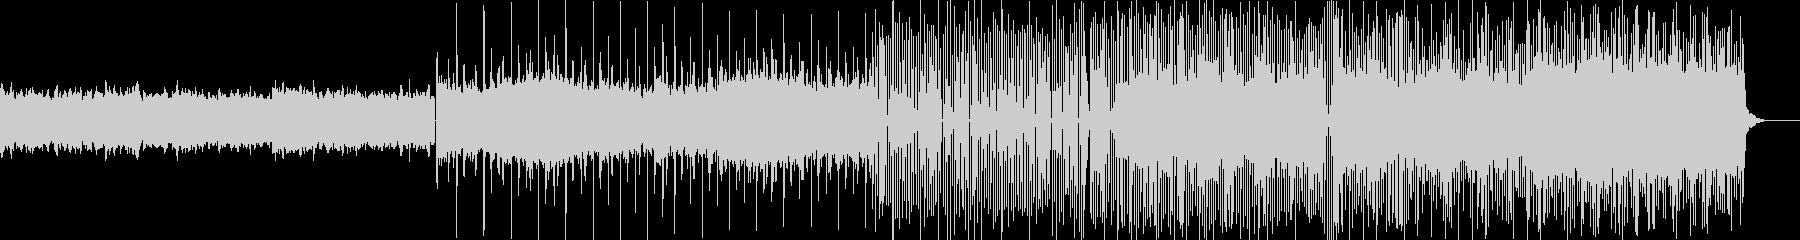 森が開拓されるようなイメージの電子音楽の未再生の波形